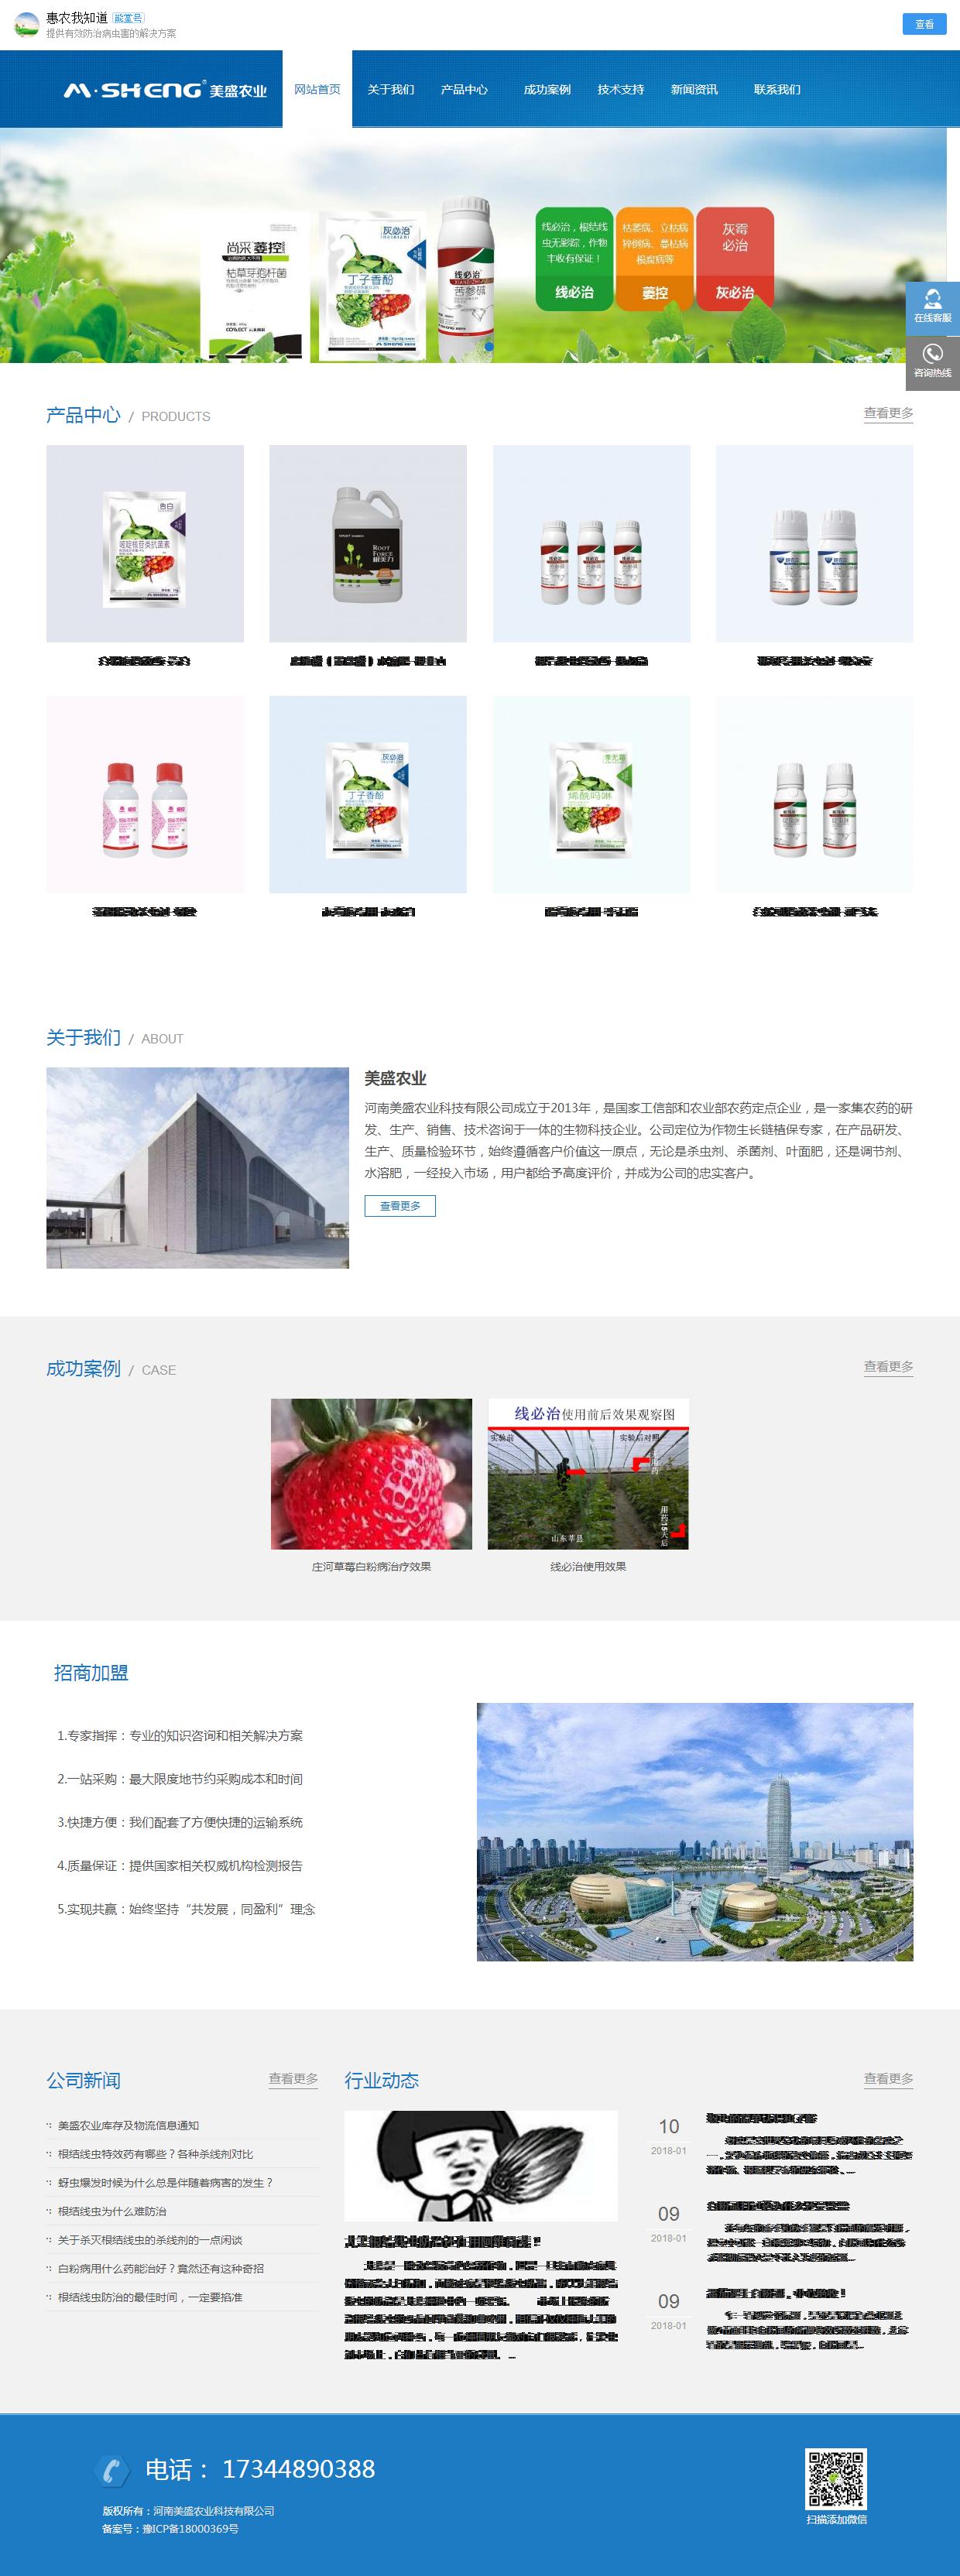 X3【主题猫官方】V1.1—蓝色自适应wordpress主题,公司网站模板,企业网站模板,html模板,wordpress模板